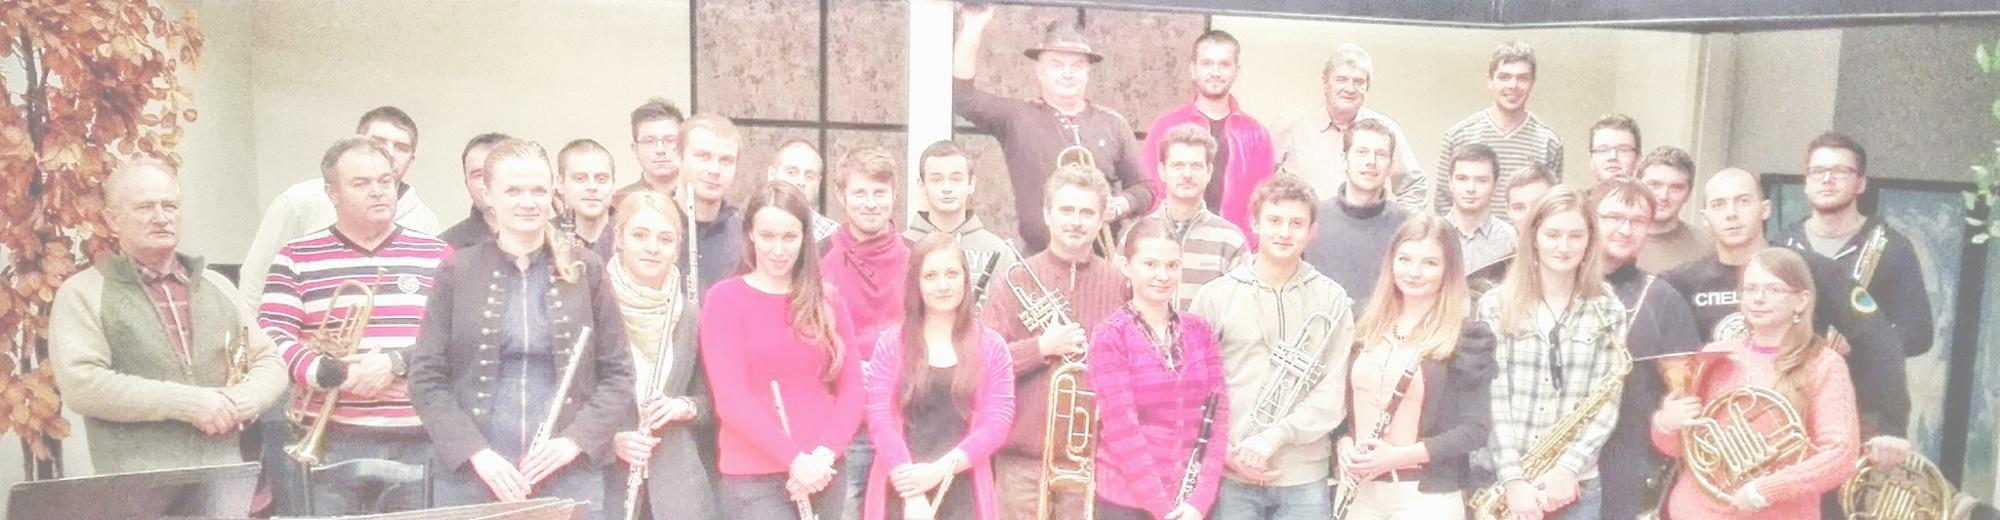 OrchesterPB.sk